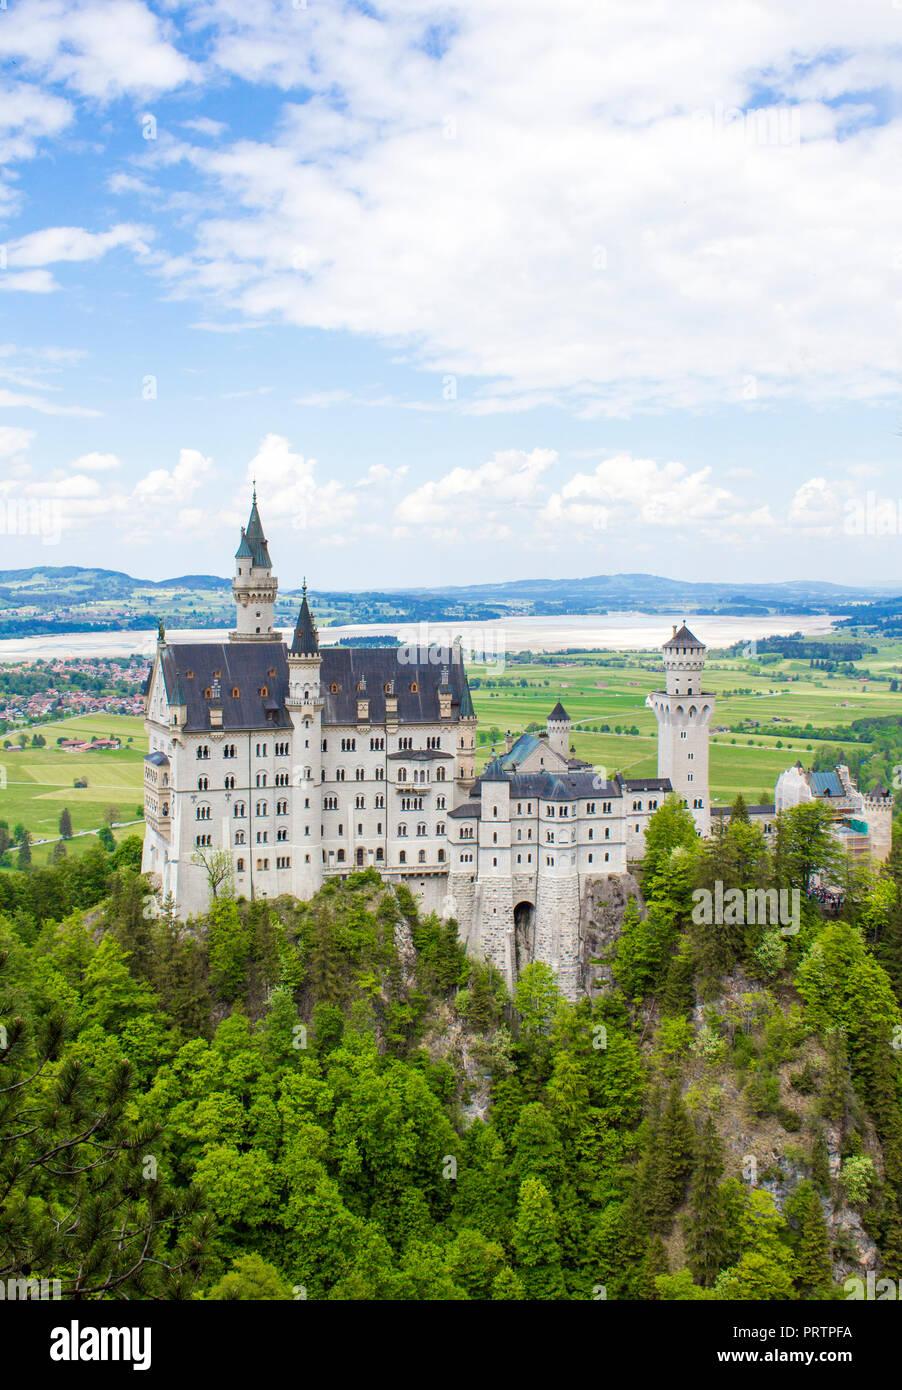 Schwangau, Germany - 05/12/2018: Neuschwanstein Castle - Stock Image